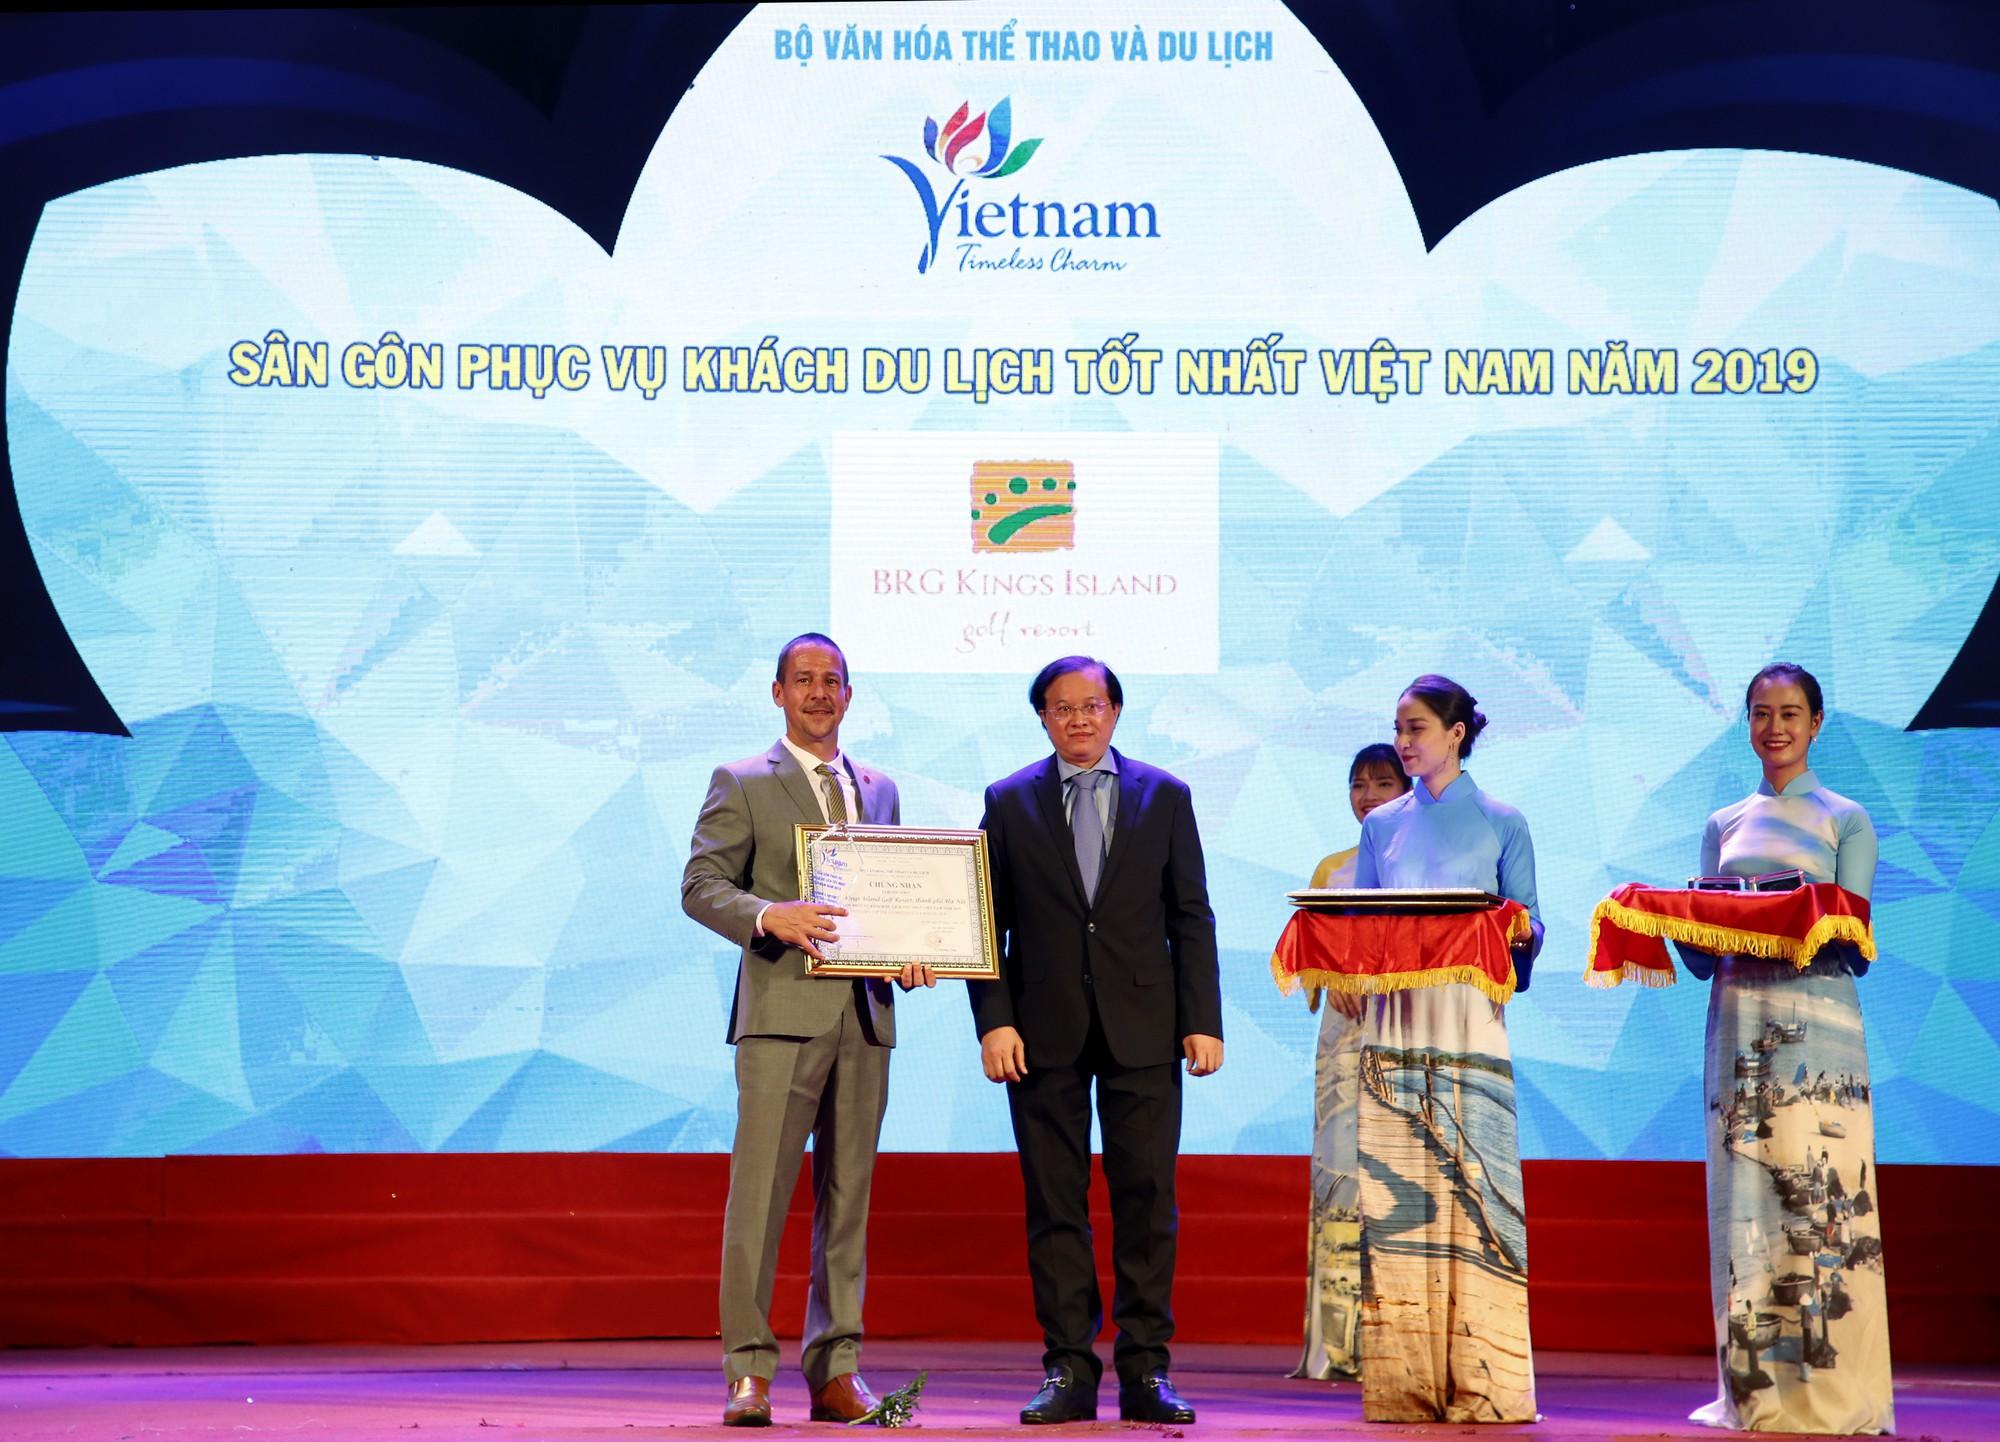 Ông Evans Mahoney nhận giải sân gôn phục vụ khách du lịch tốt nhất Việt Nam 2019 cho sân BRG Kings Island Golf Resort